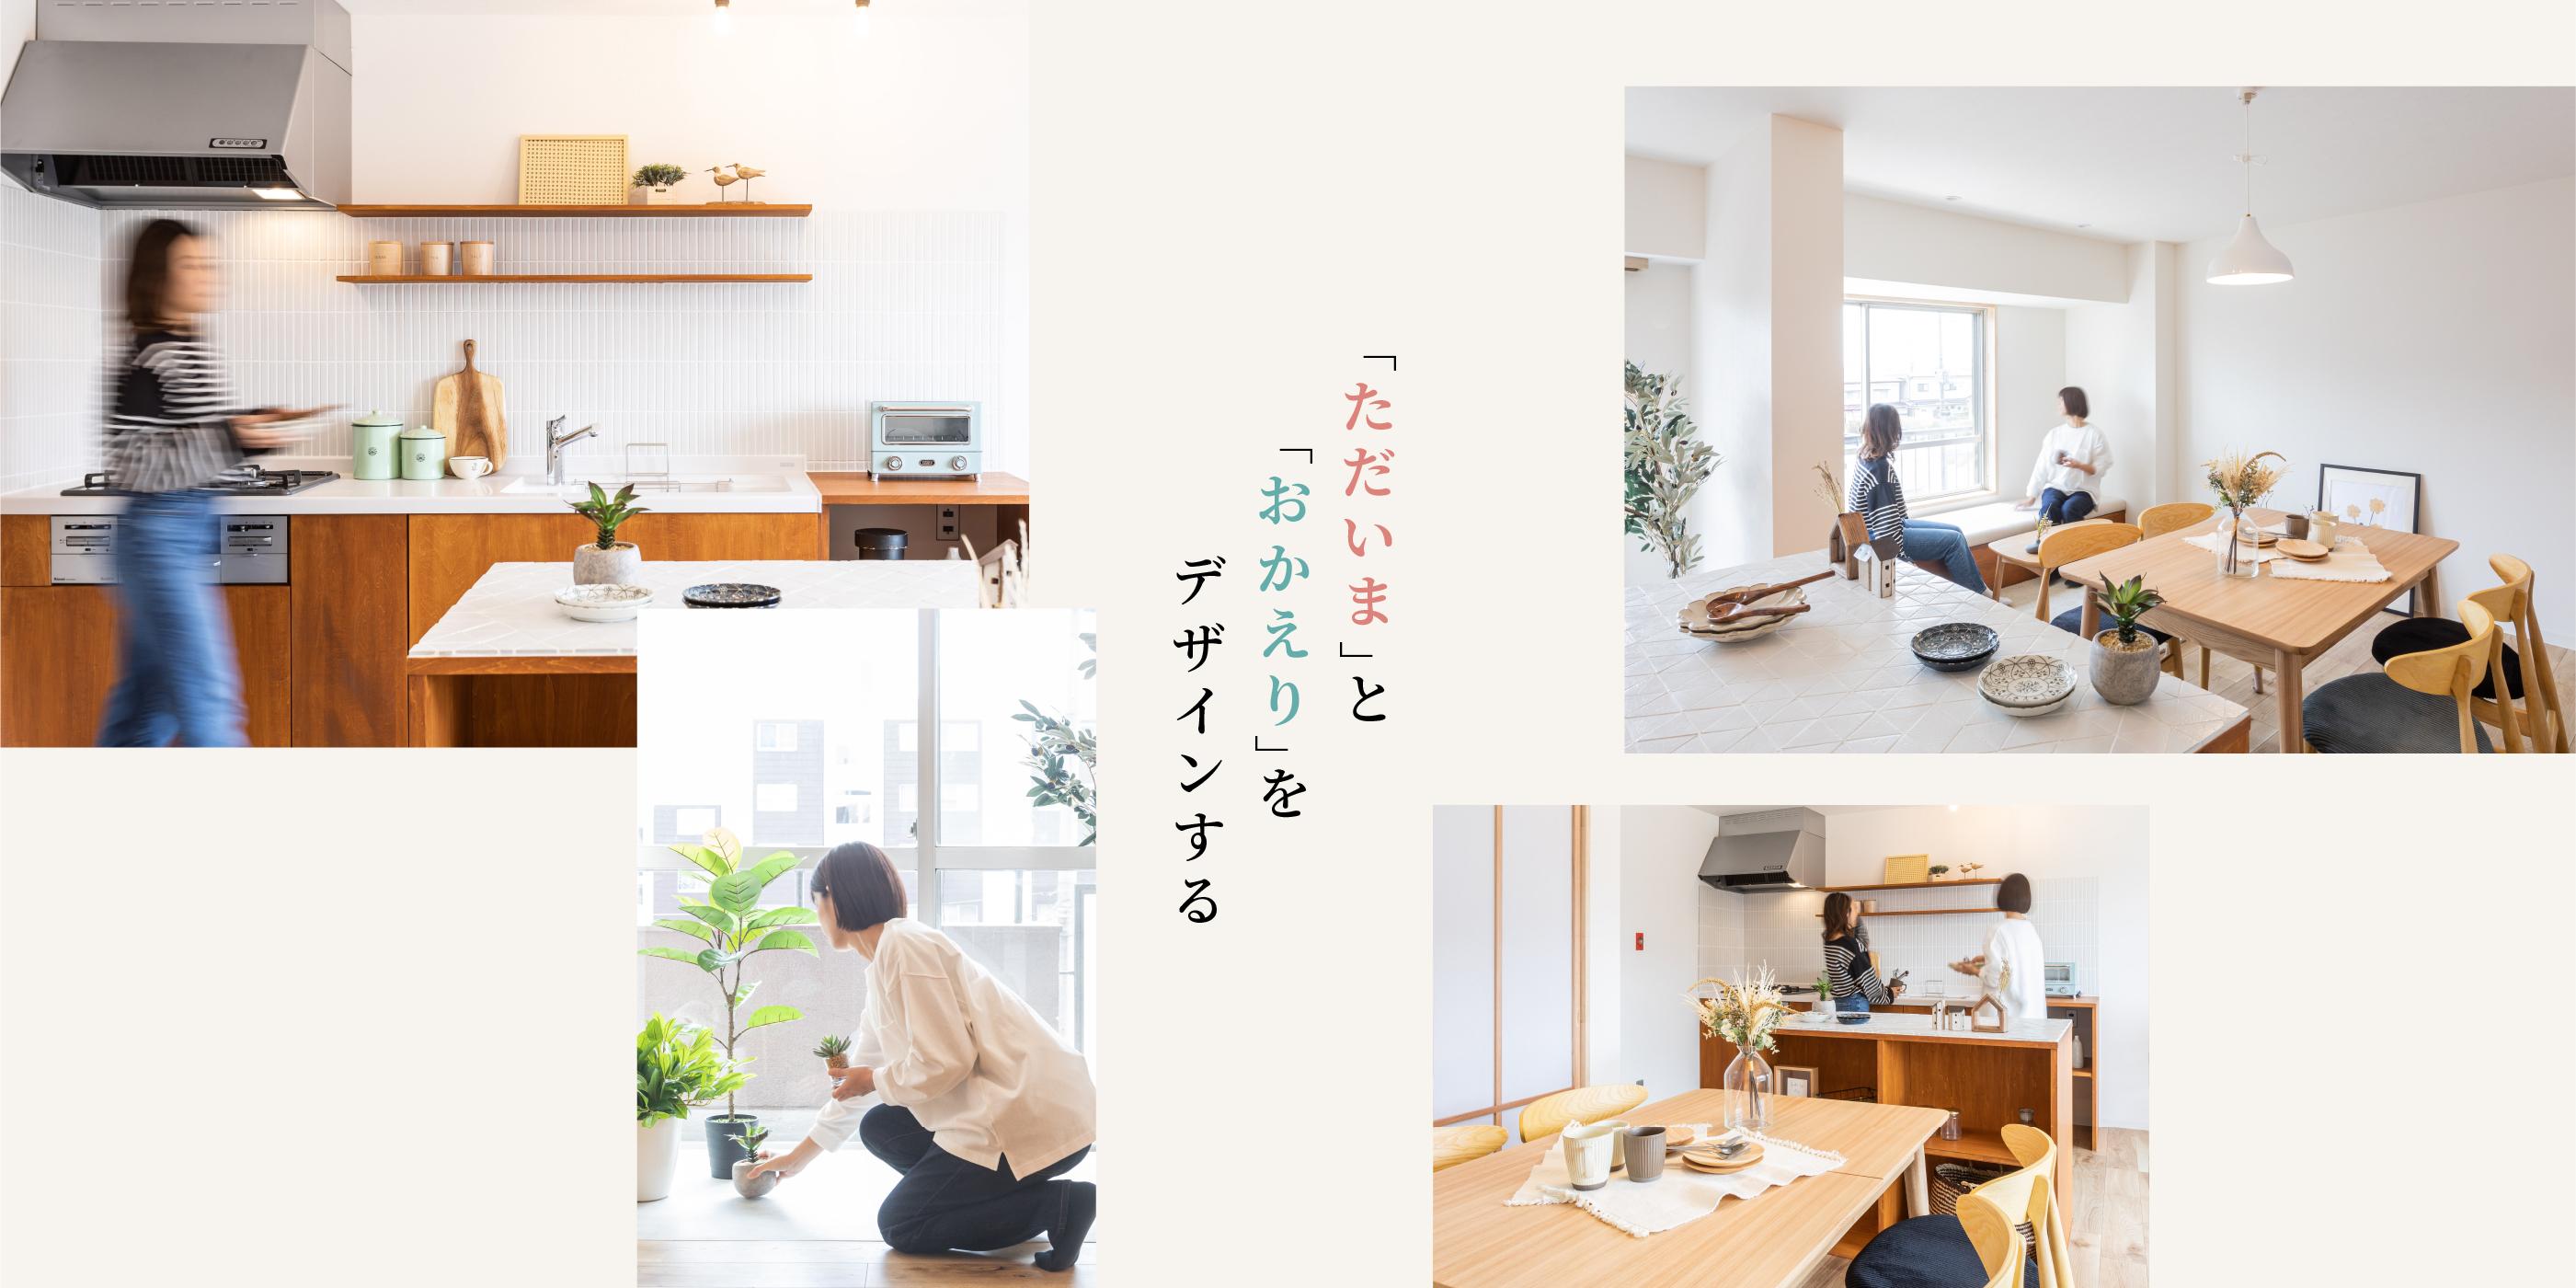 福島県全域のリフォーム会社 株式会社ゴーイングホーム